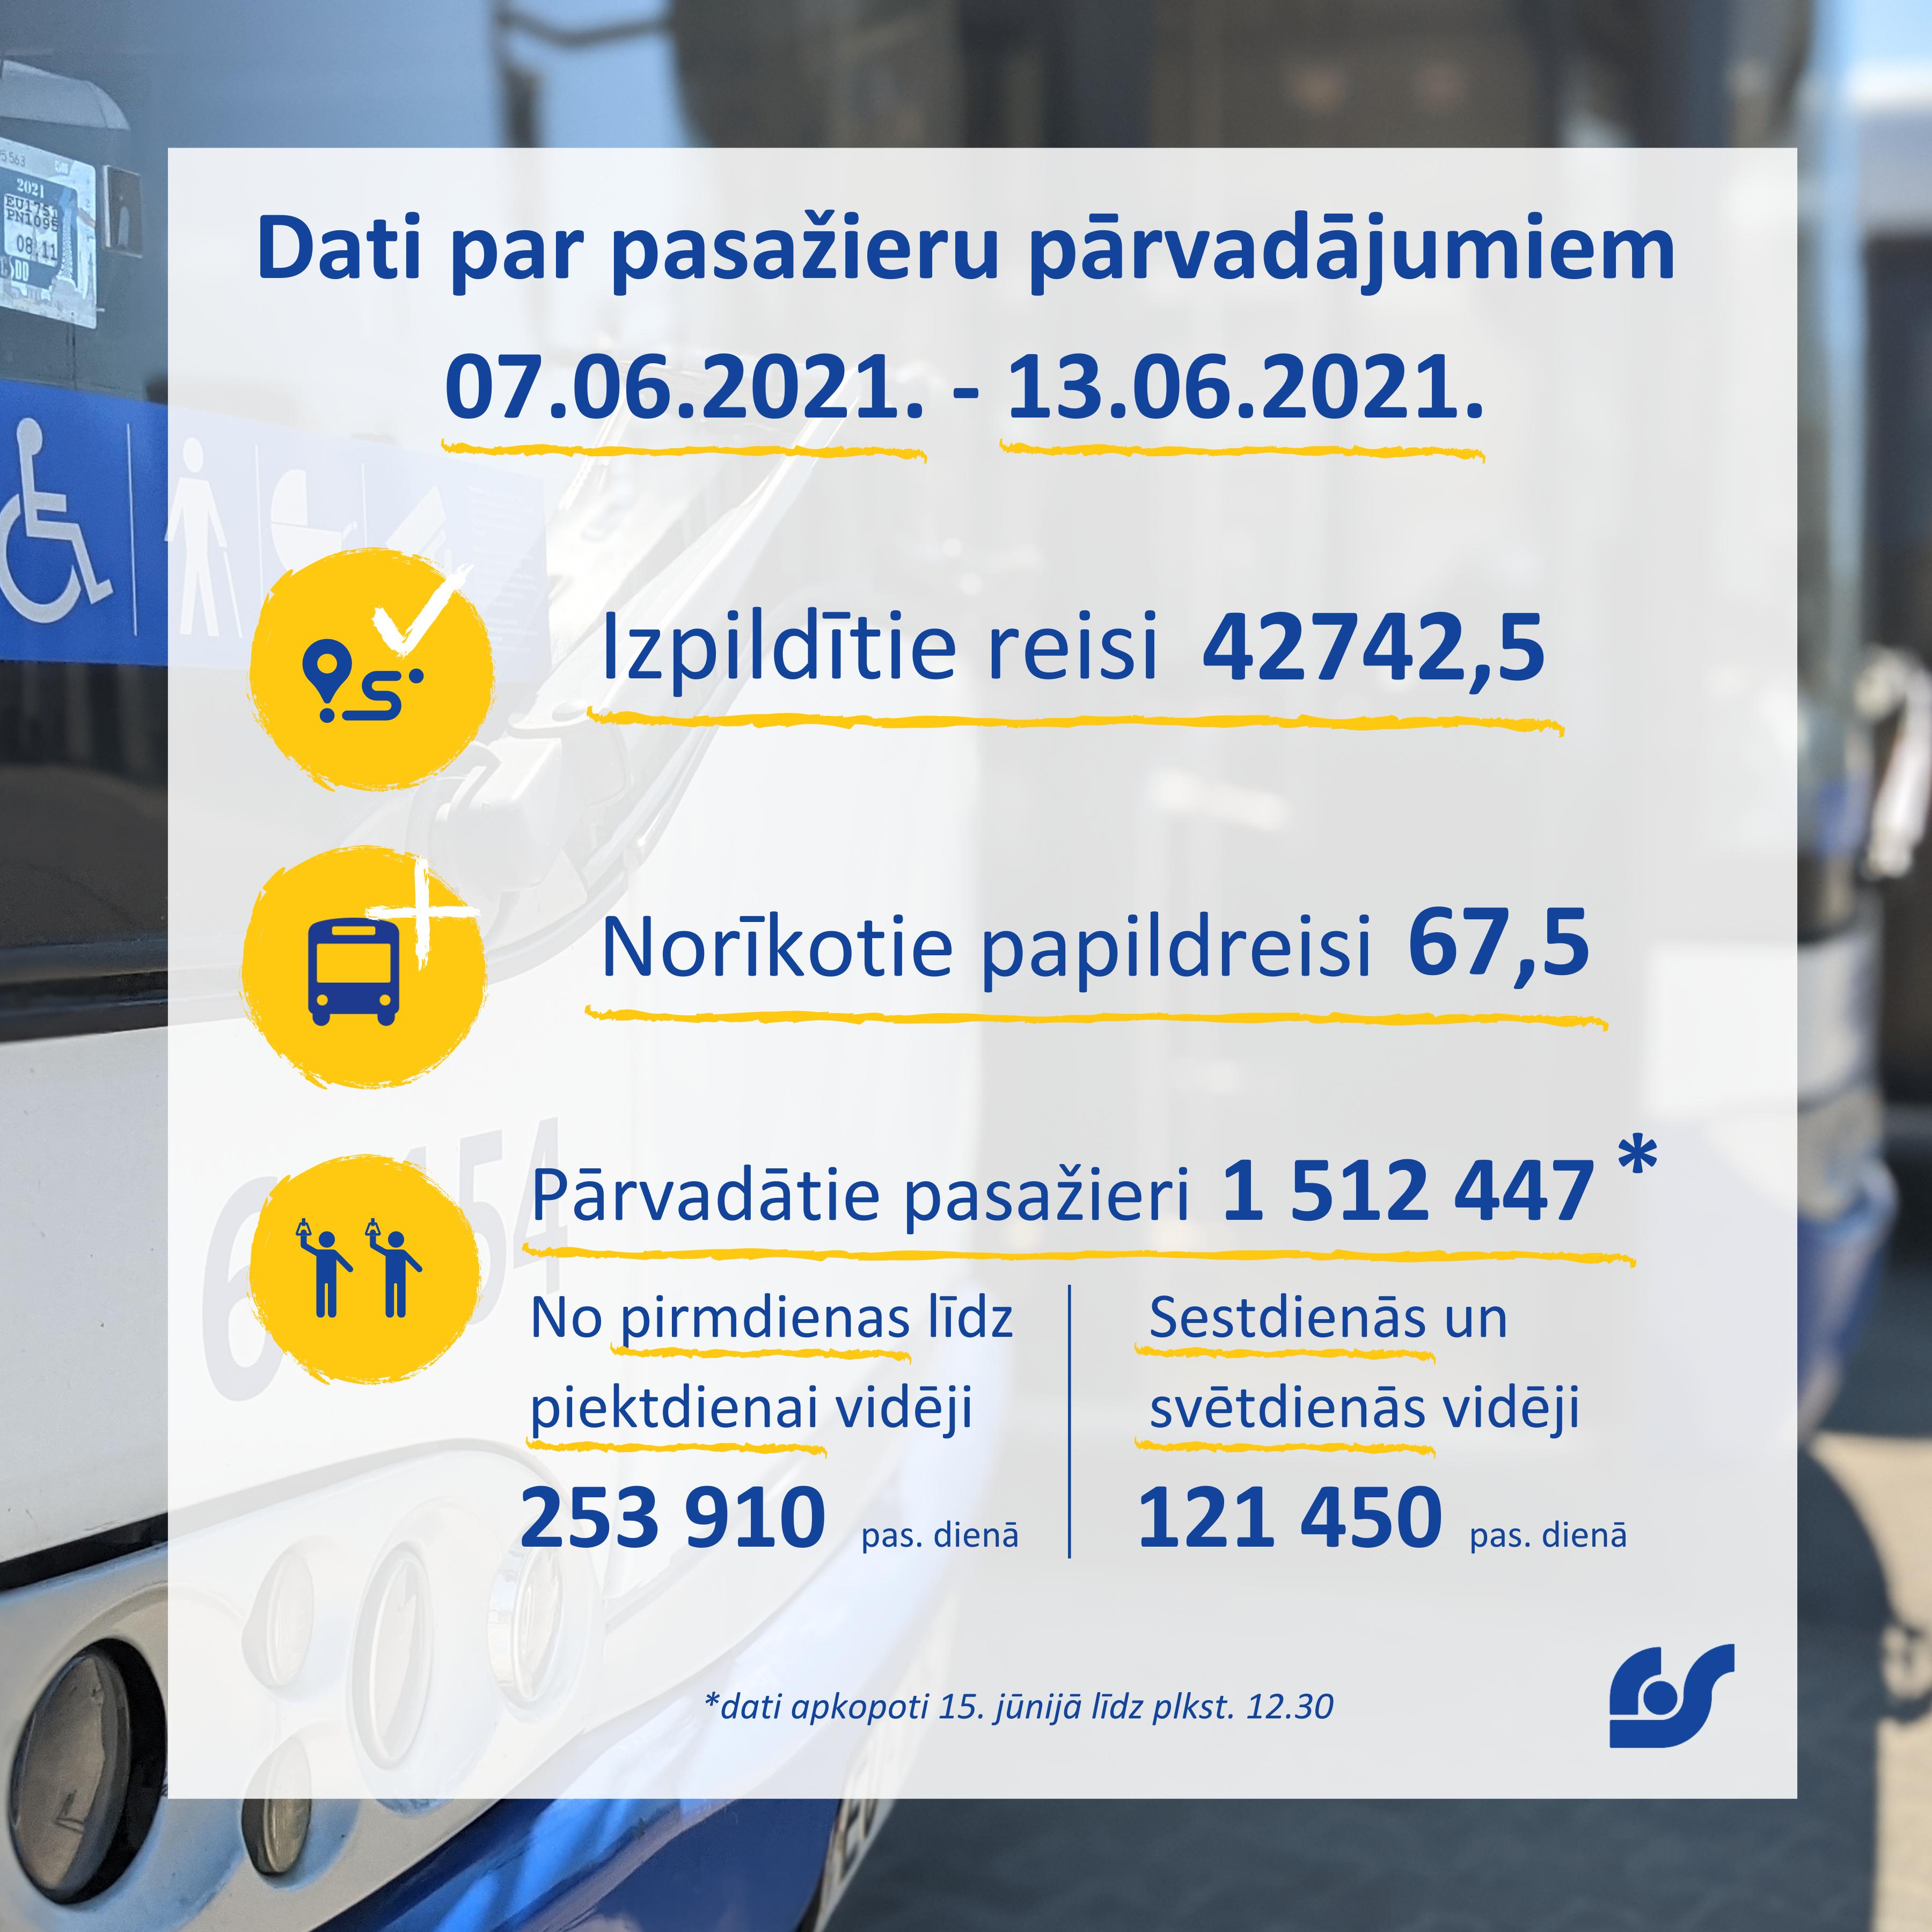 Dati par pasažieru pārvadājumiem (6).png